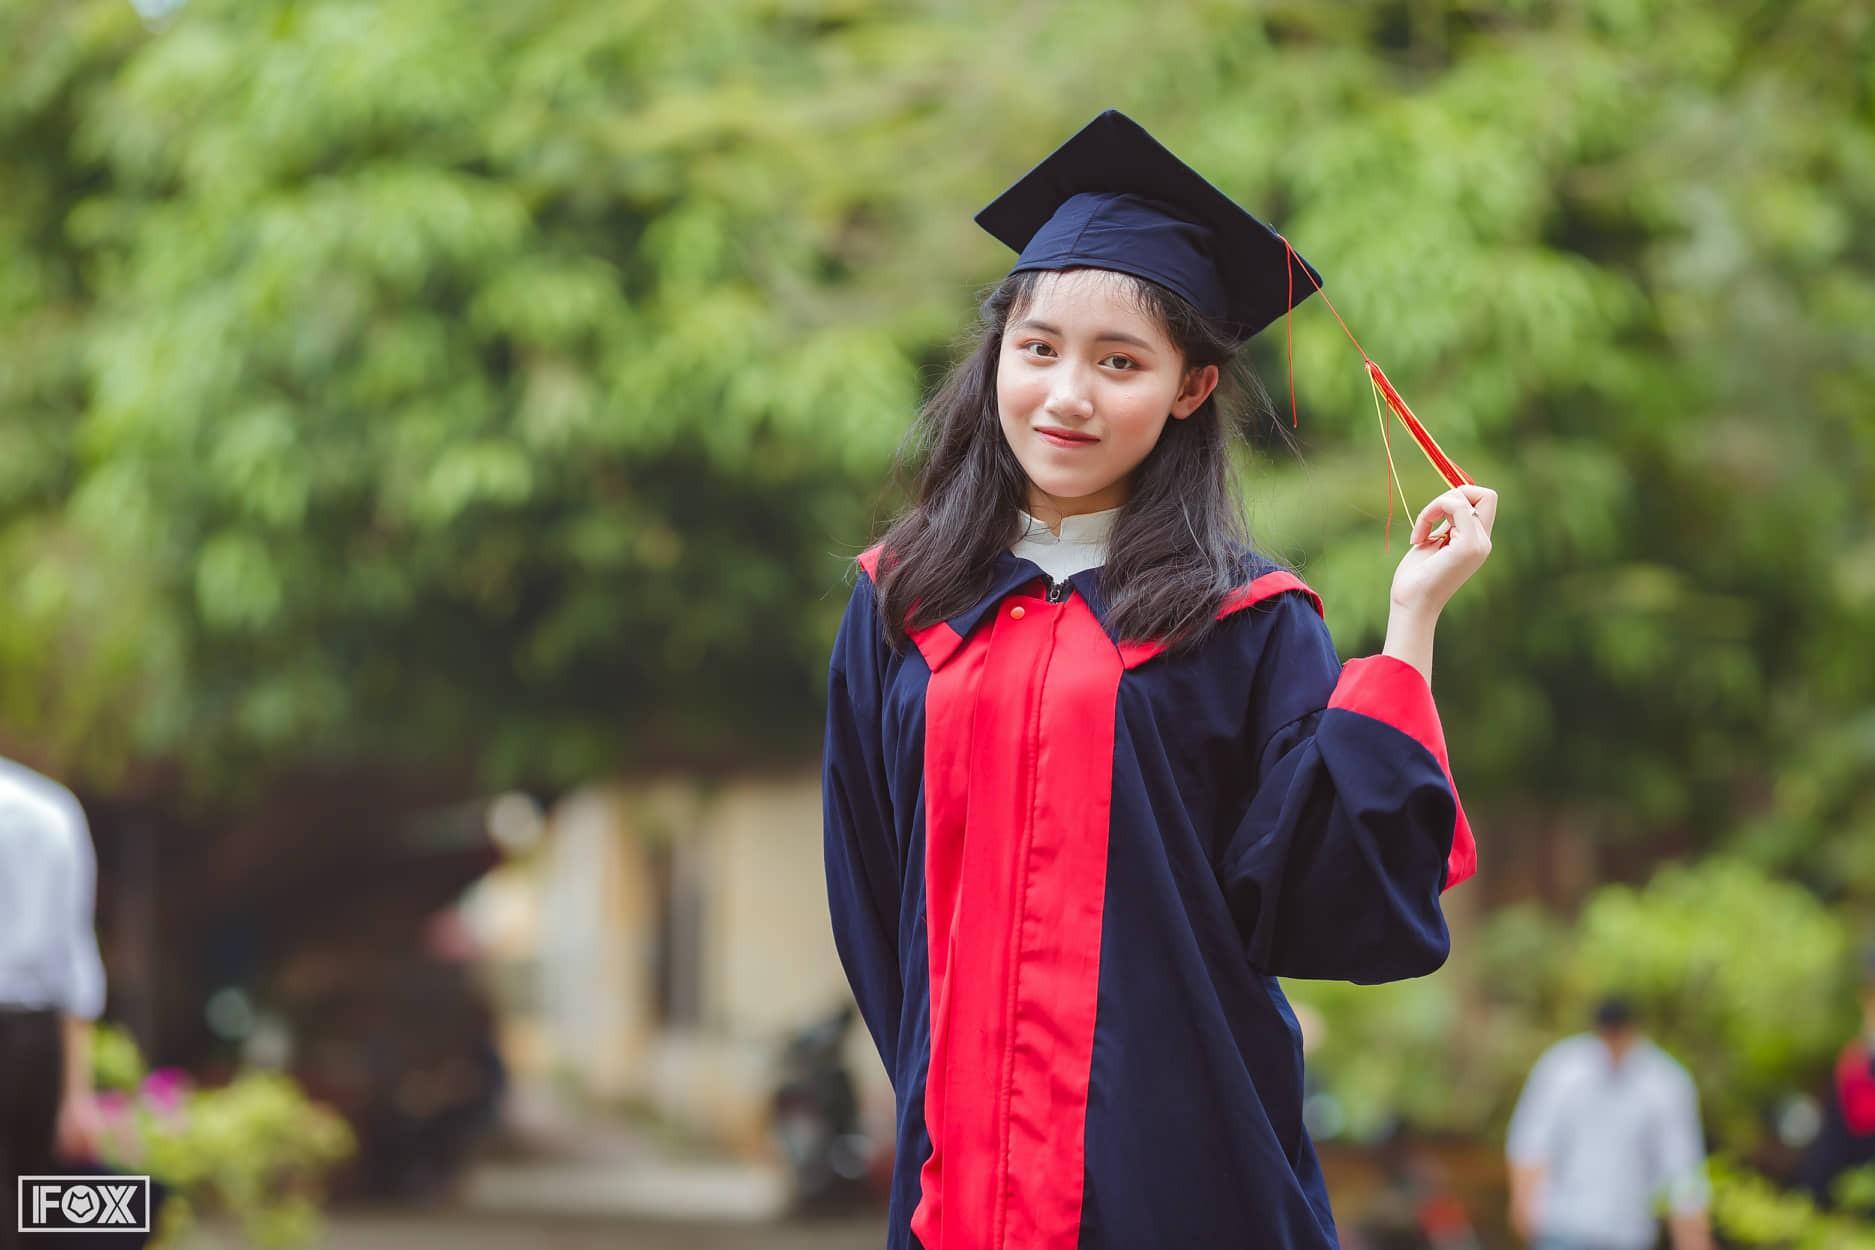 Loạt gái xinh thủ khoa Đại học 2019: Người điểm thi cao nhất nước, người nhiều môn đạt gần tuyệt đối! - Ảnh 1.